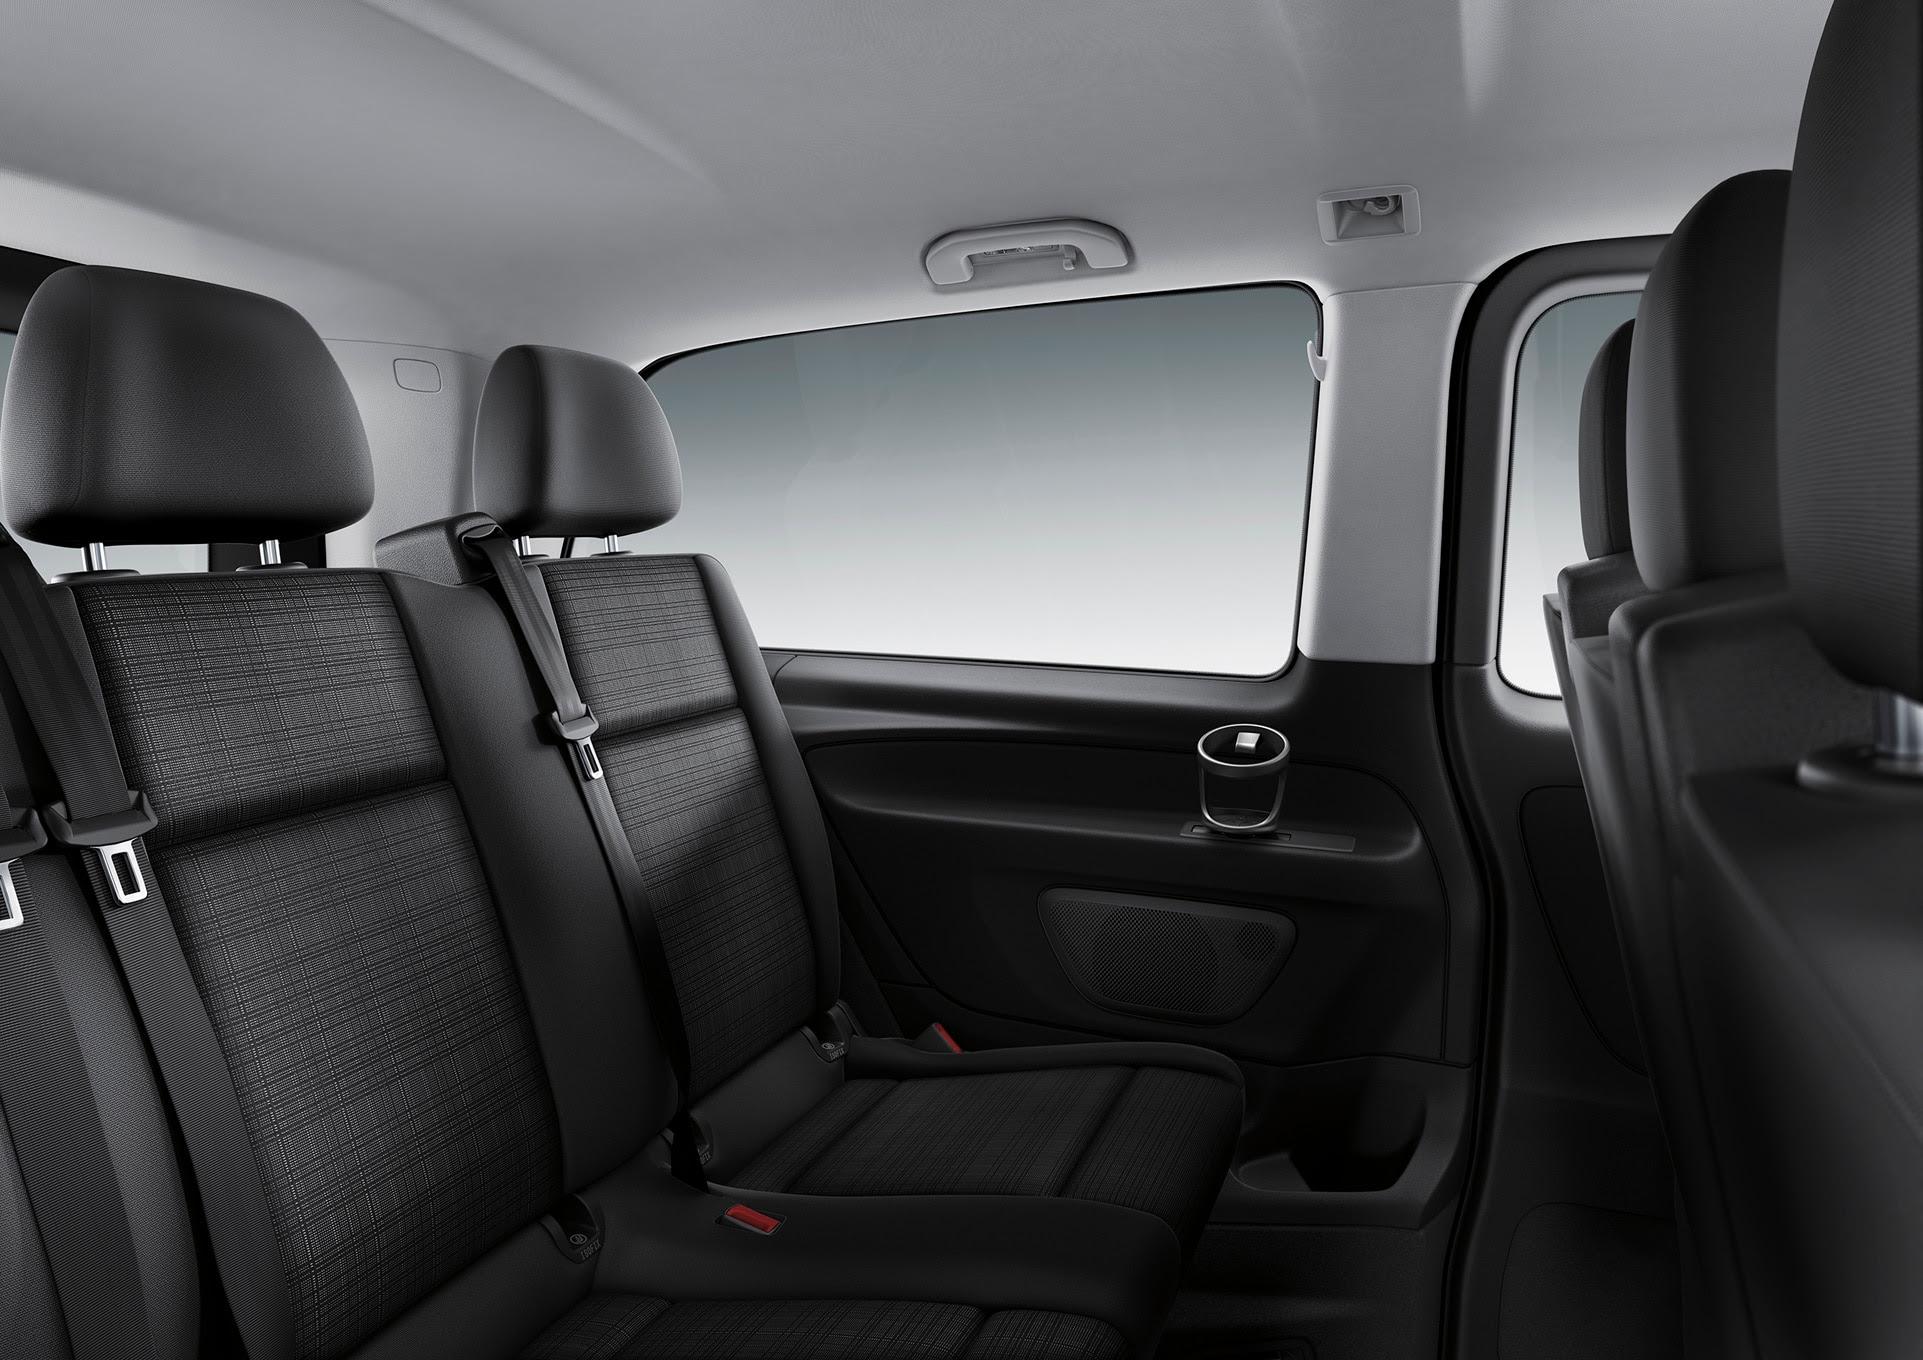 2016 Mercedes-Benz Metris Commercial Van Detailed